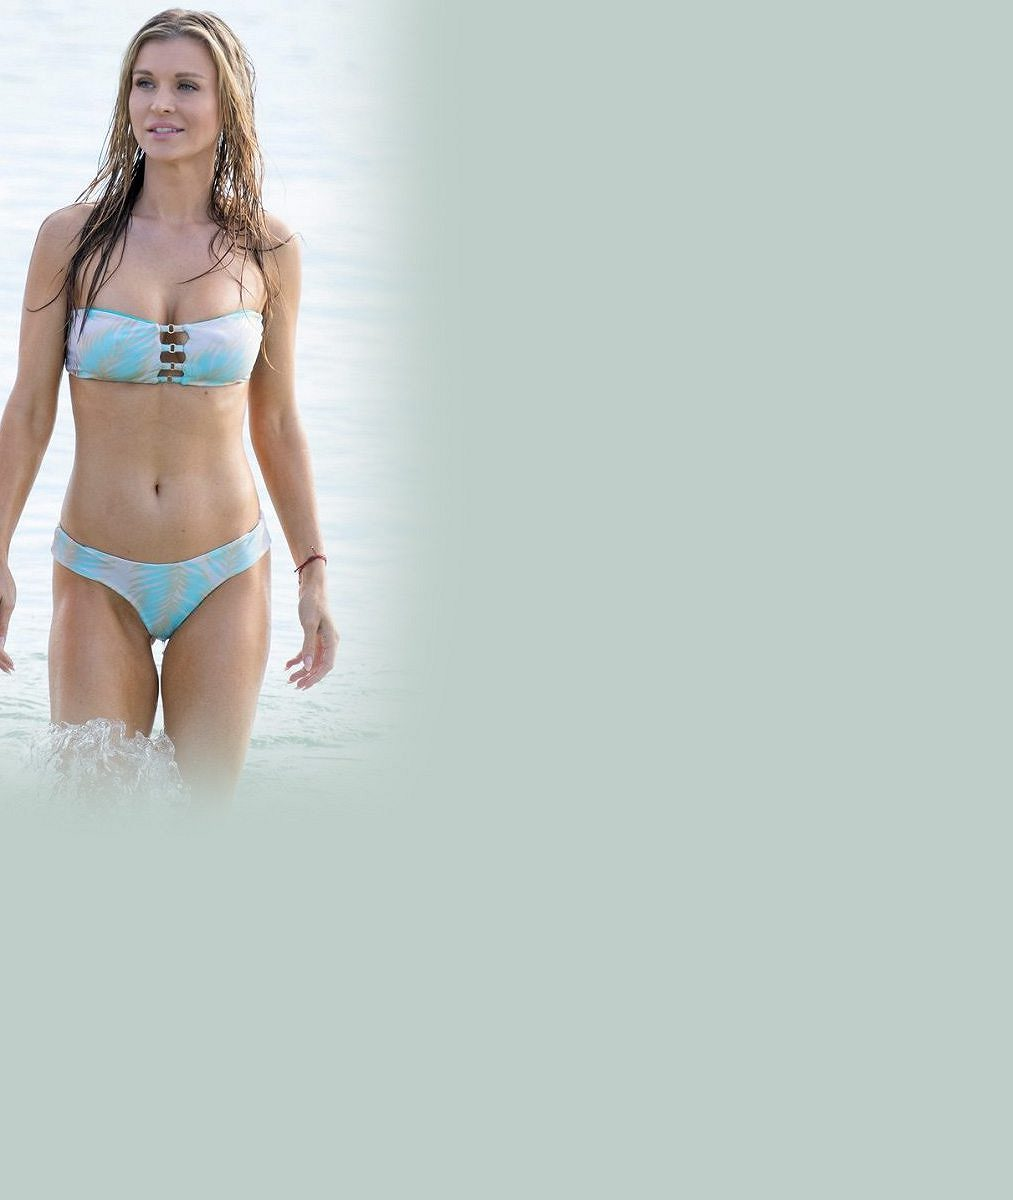 Tohle je nejlepší polský produkt: Sexy modelka (37) předvedla božské tělíčko v bikinách